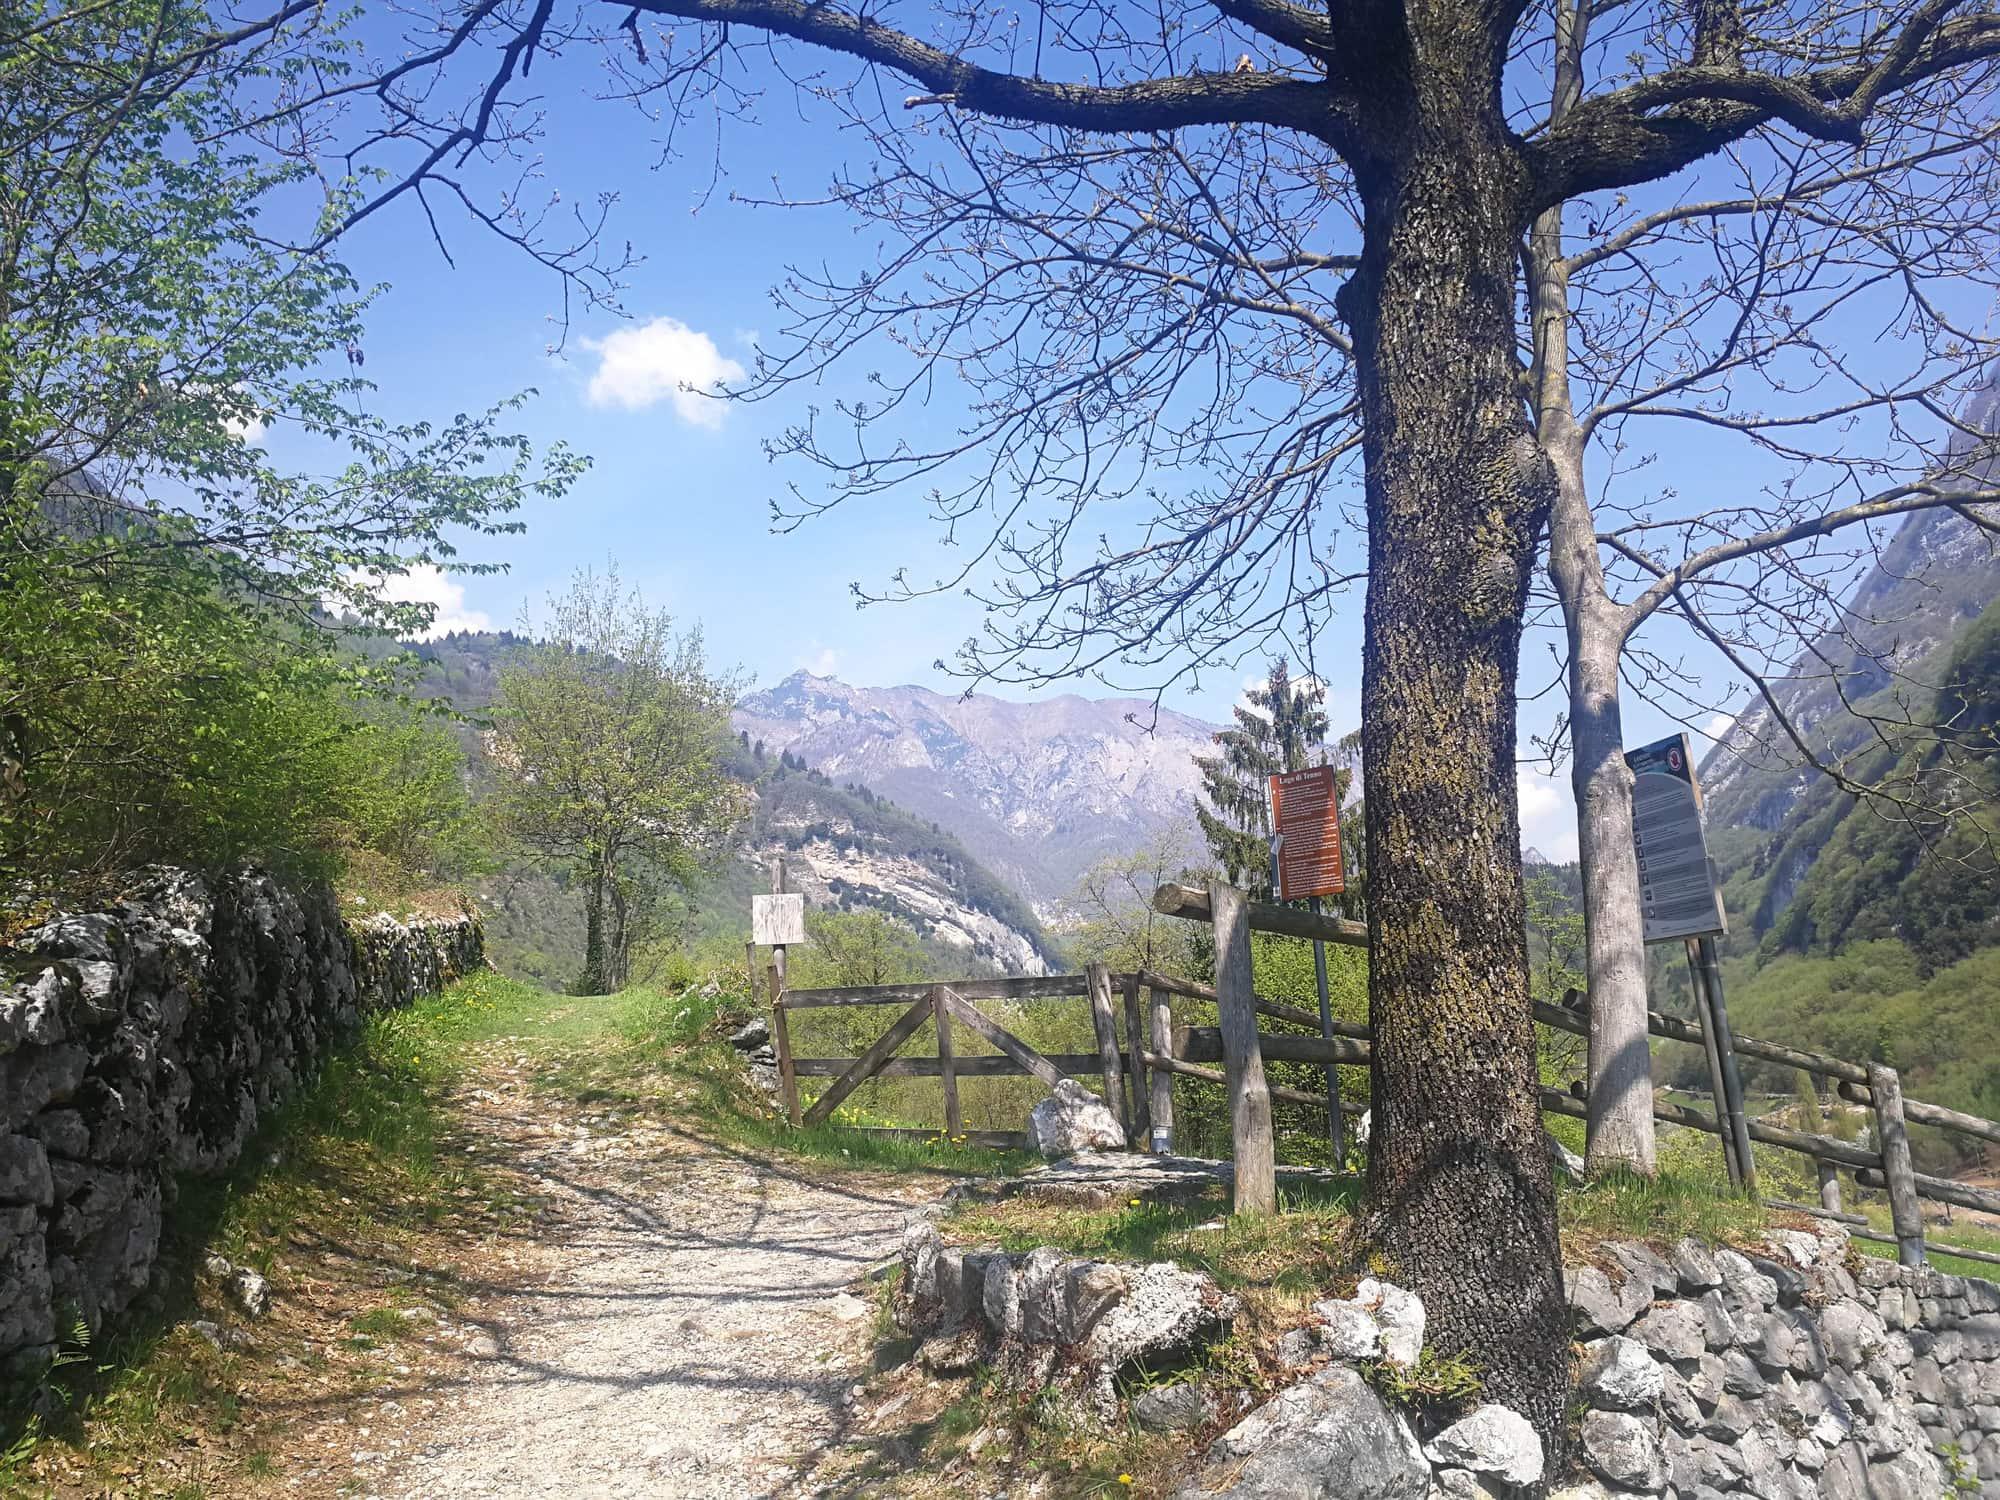 Jezioro Garda - gwarancja udanych wakacji 60